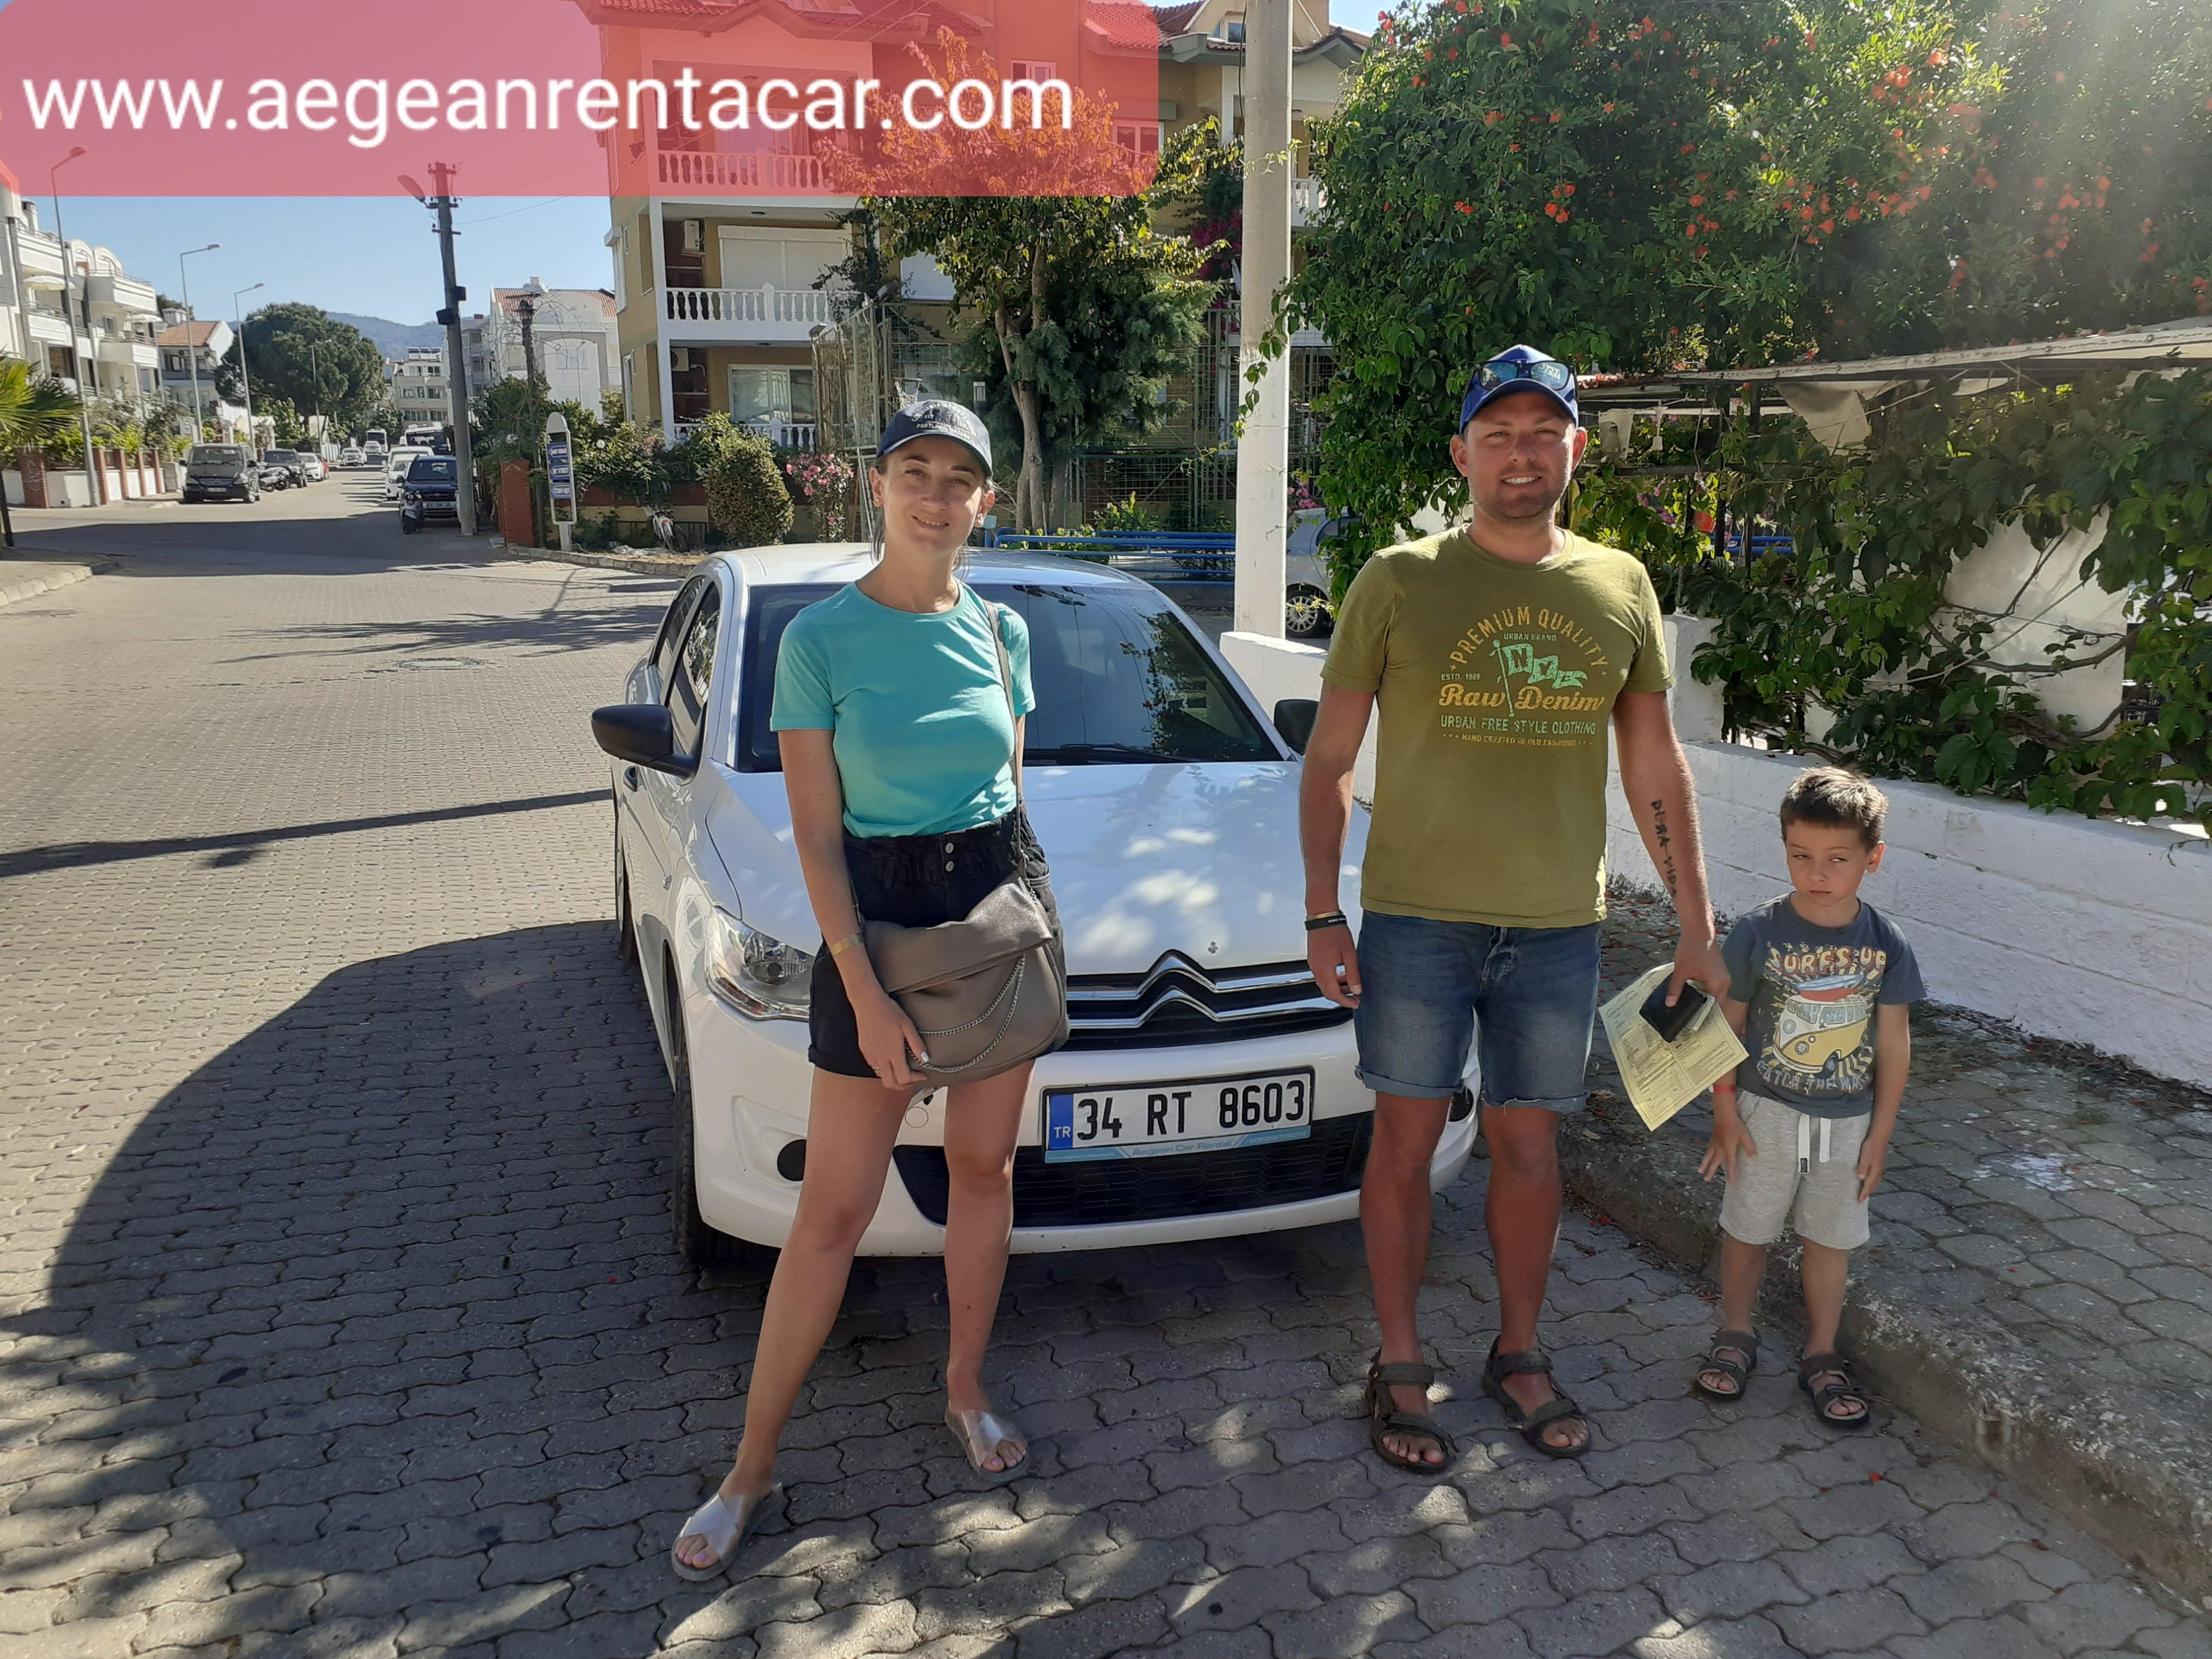 Aegeanrentacar.com